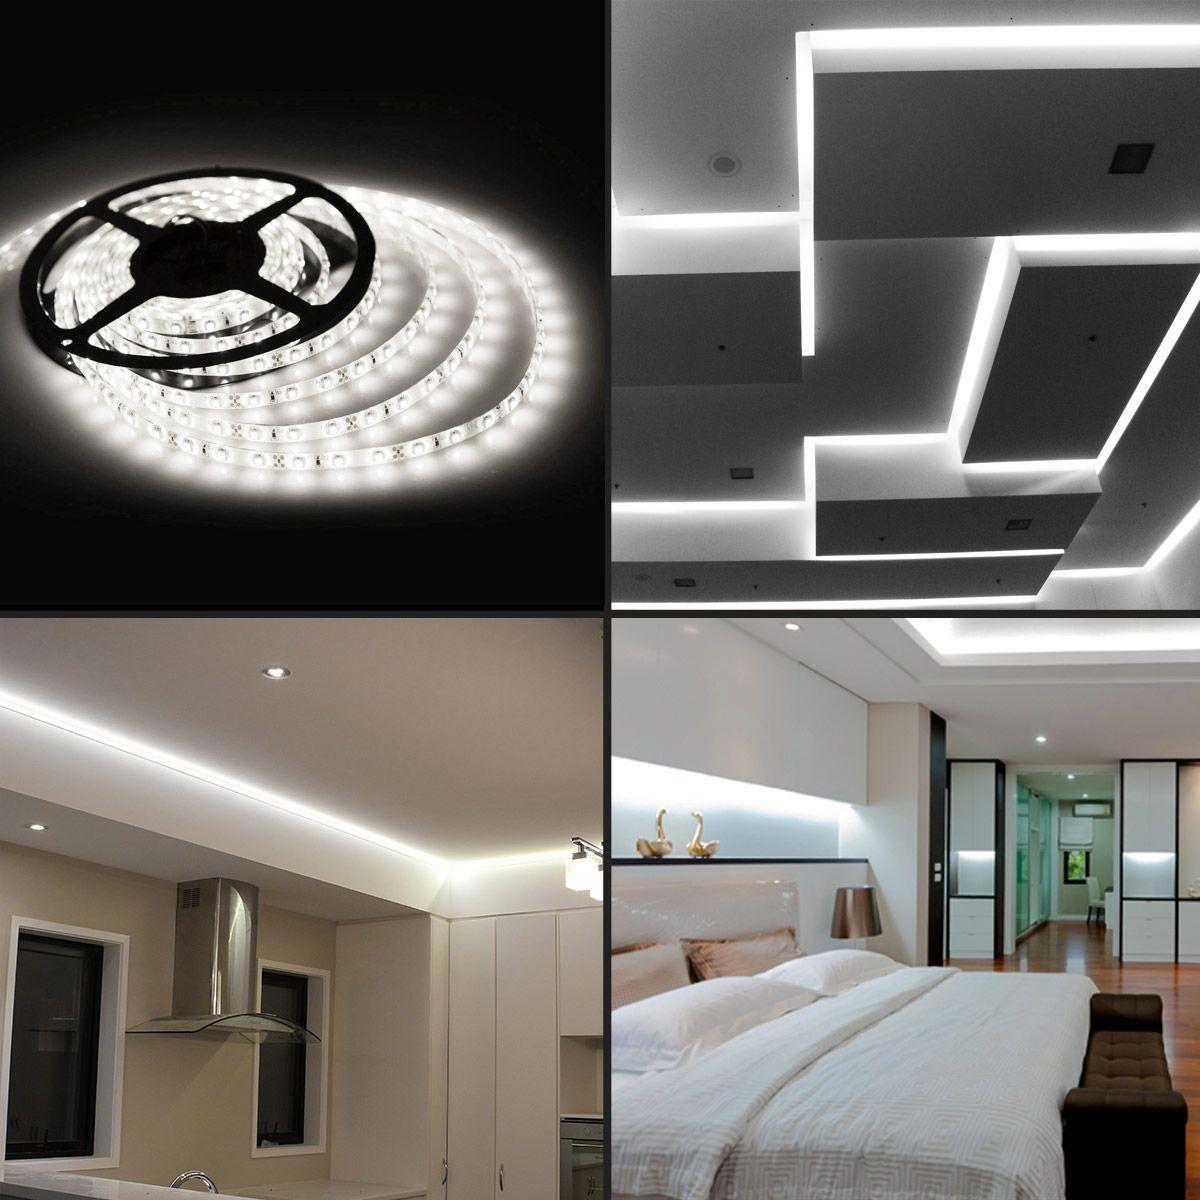 16.4ft Daylight White LED Strip Light, Flexible Waterproof LED Tape Light, SMD 2835 | Strip lighting, Led tape lighting, Led strip lighting